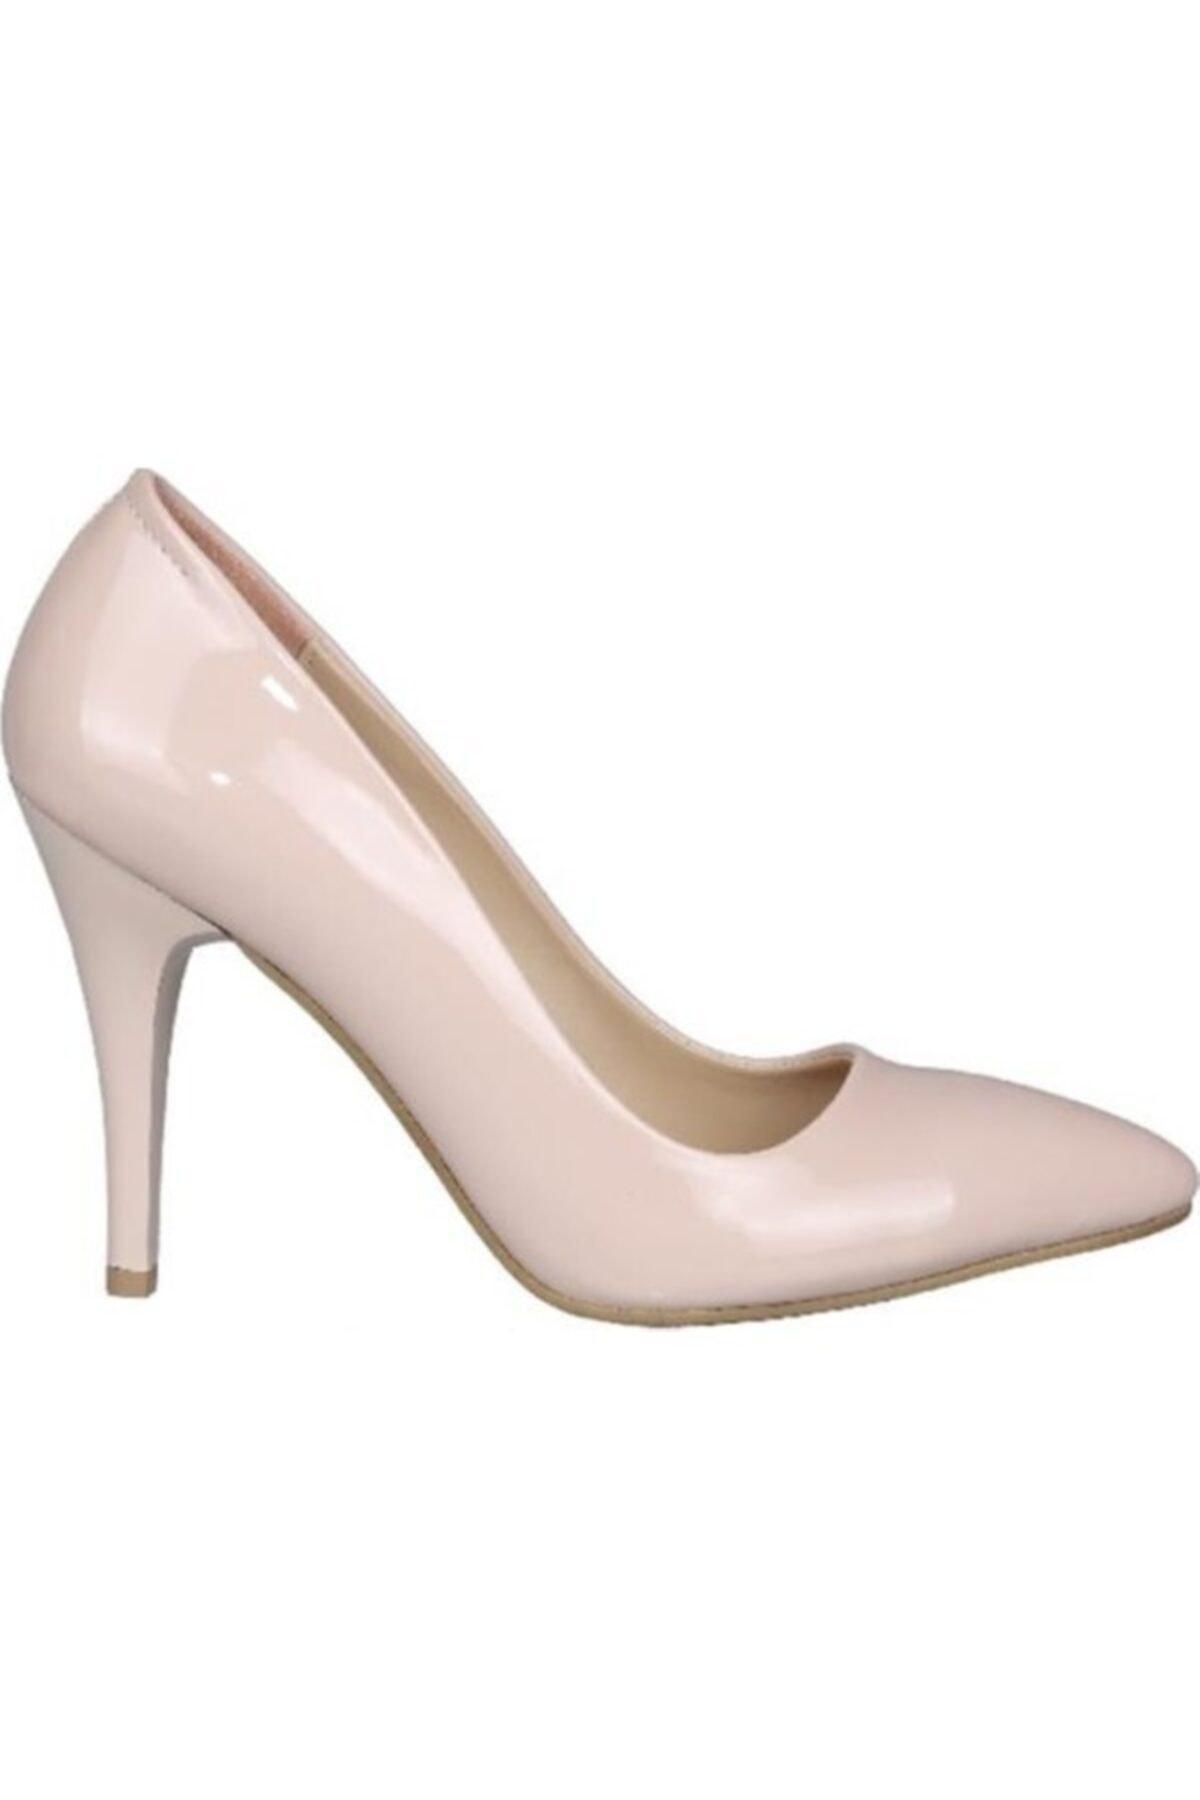 PUNTO 191-61 Pudra Kadın Ayakkabı 1